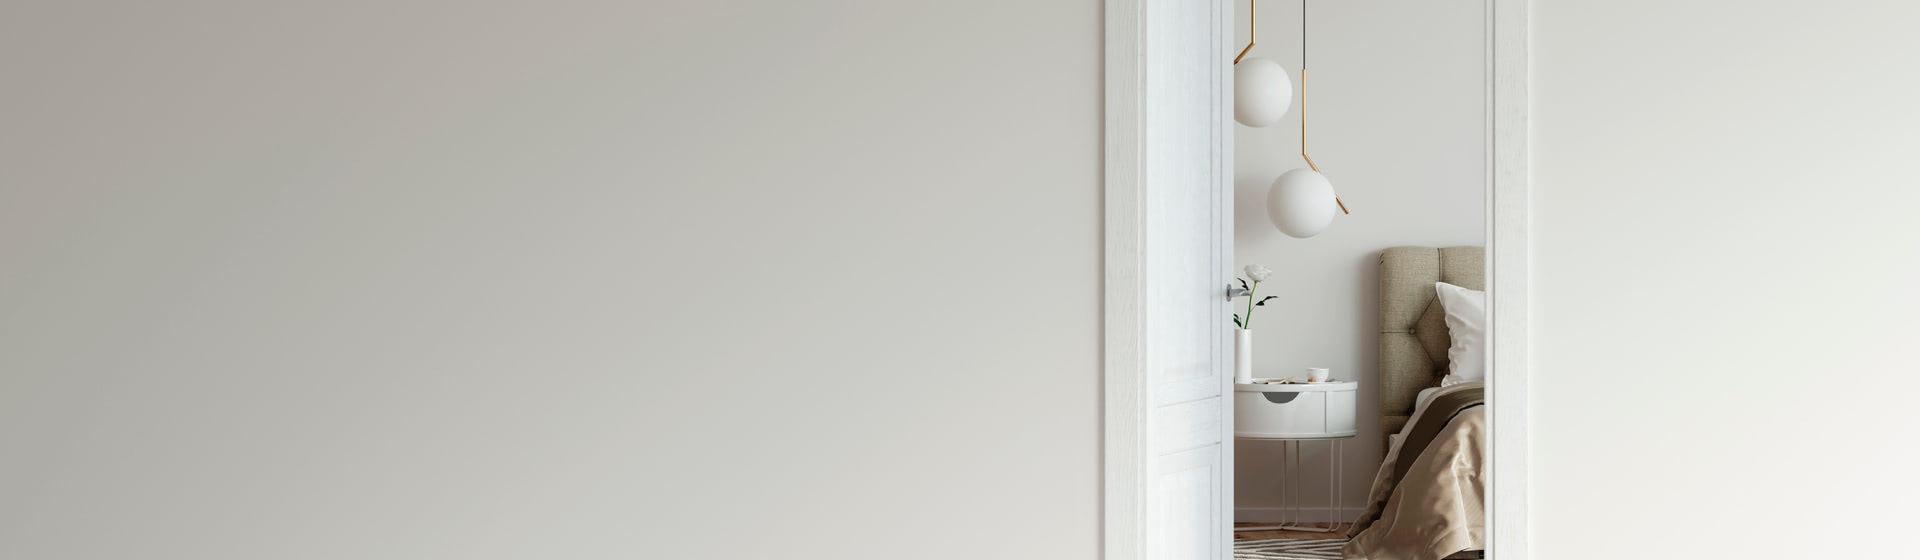 Puerta de dos batientes abierta en medio de una pared blanca